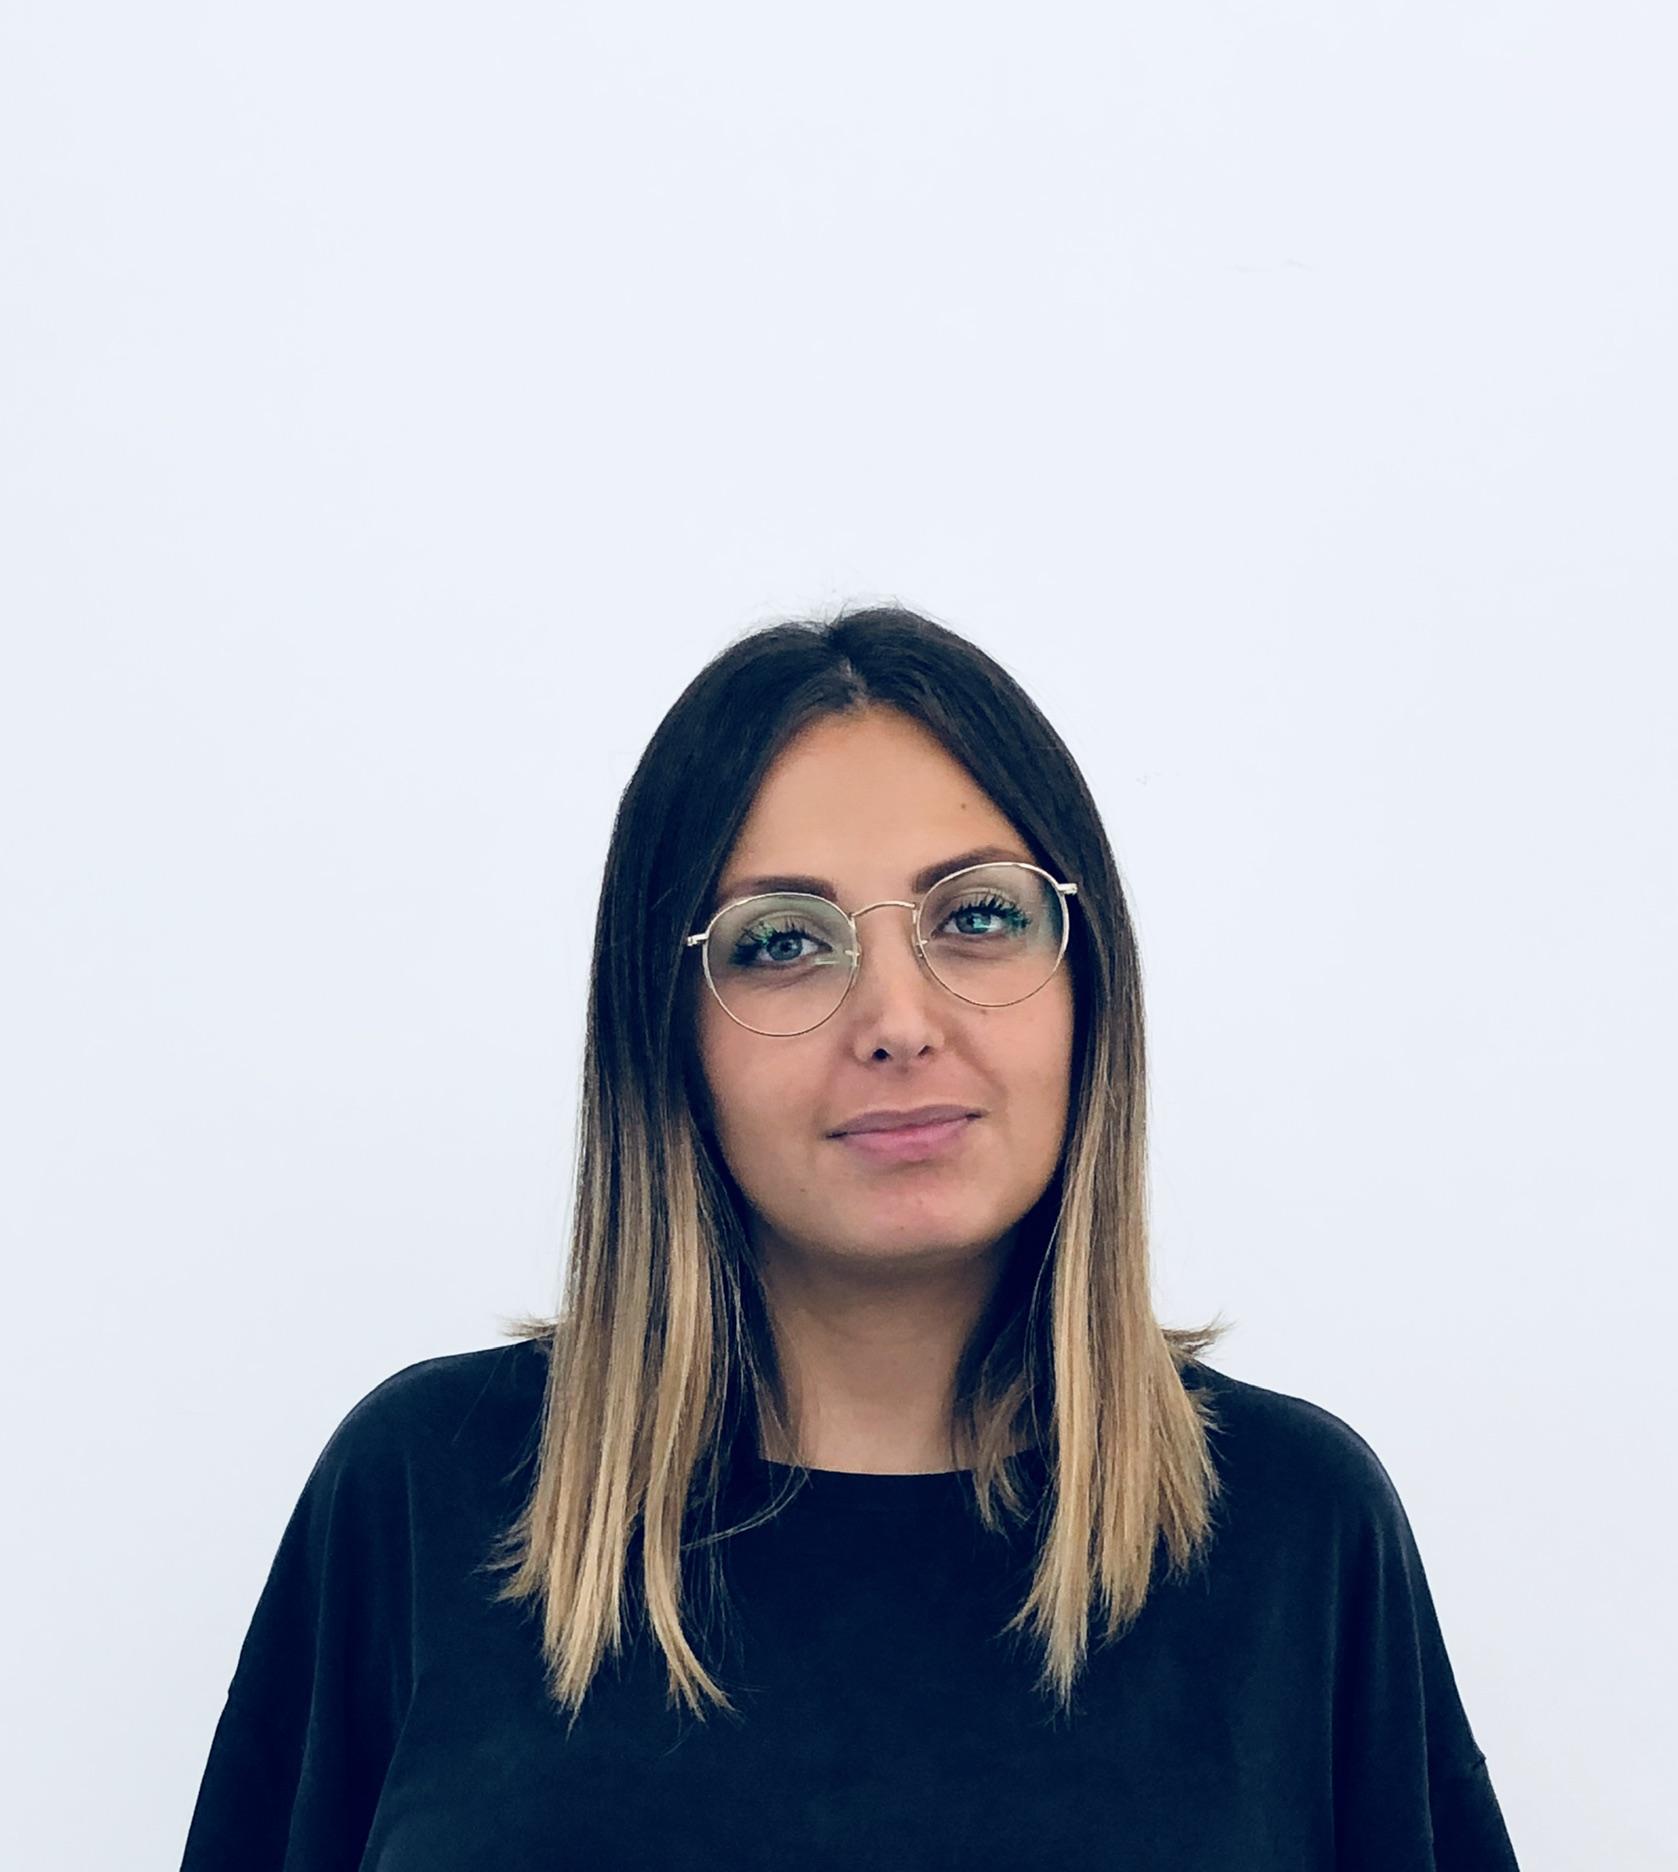 MARTINA BELCASTRO